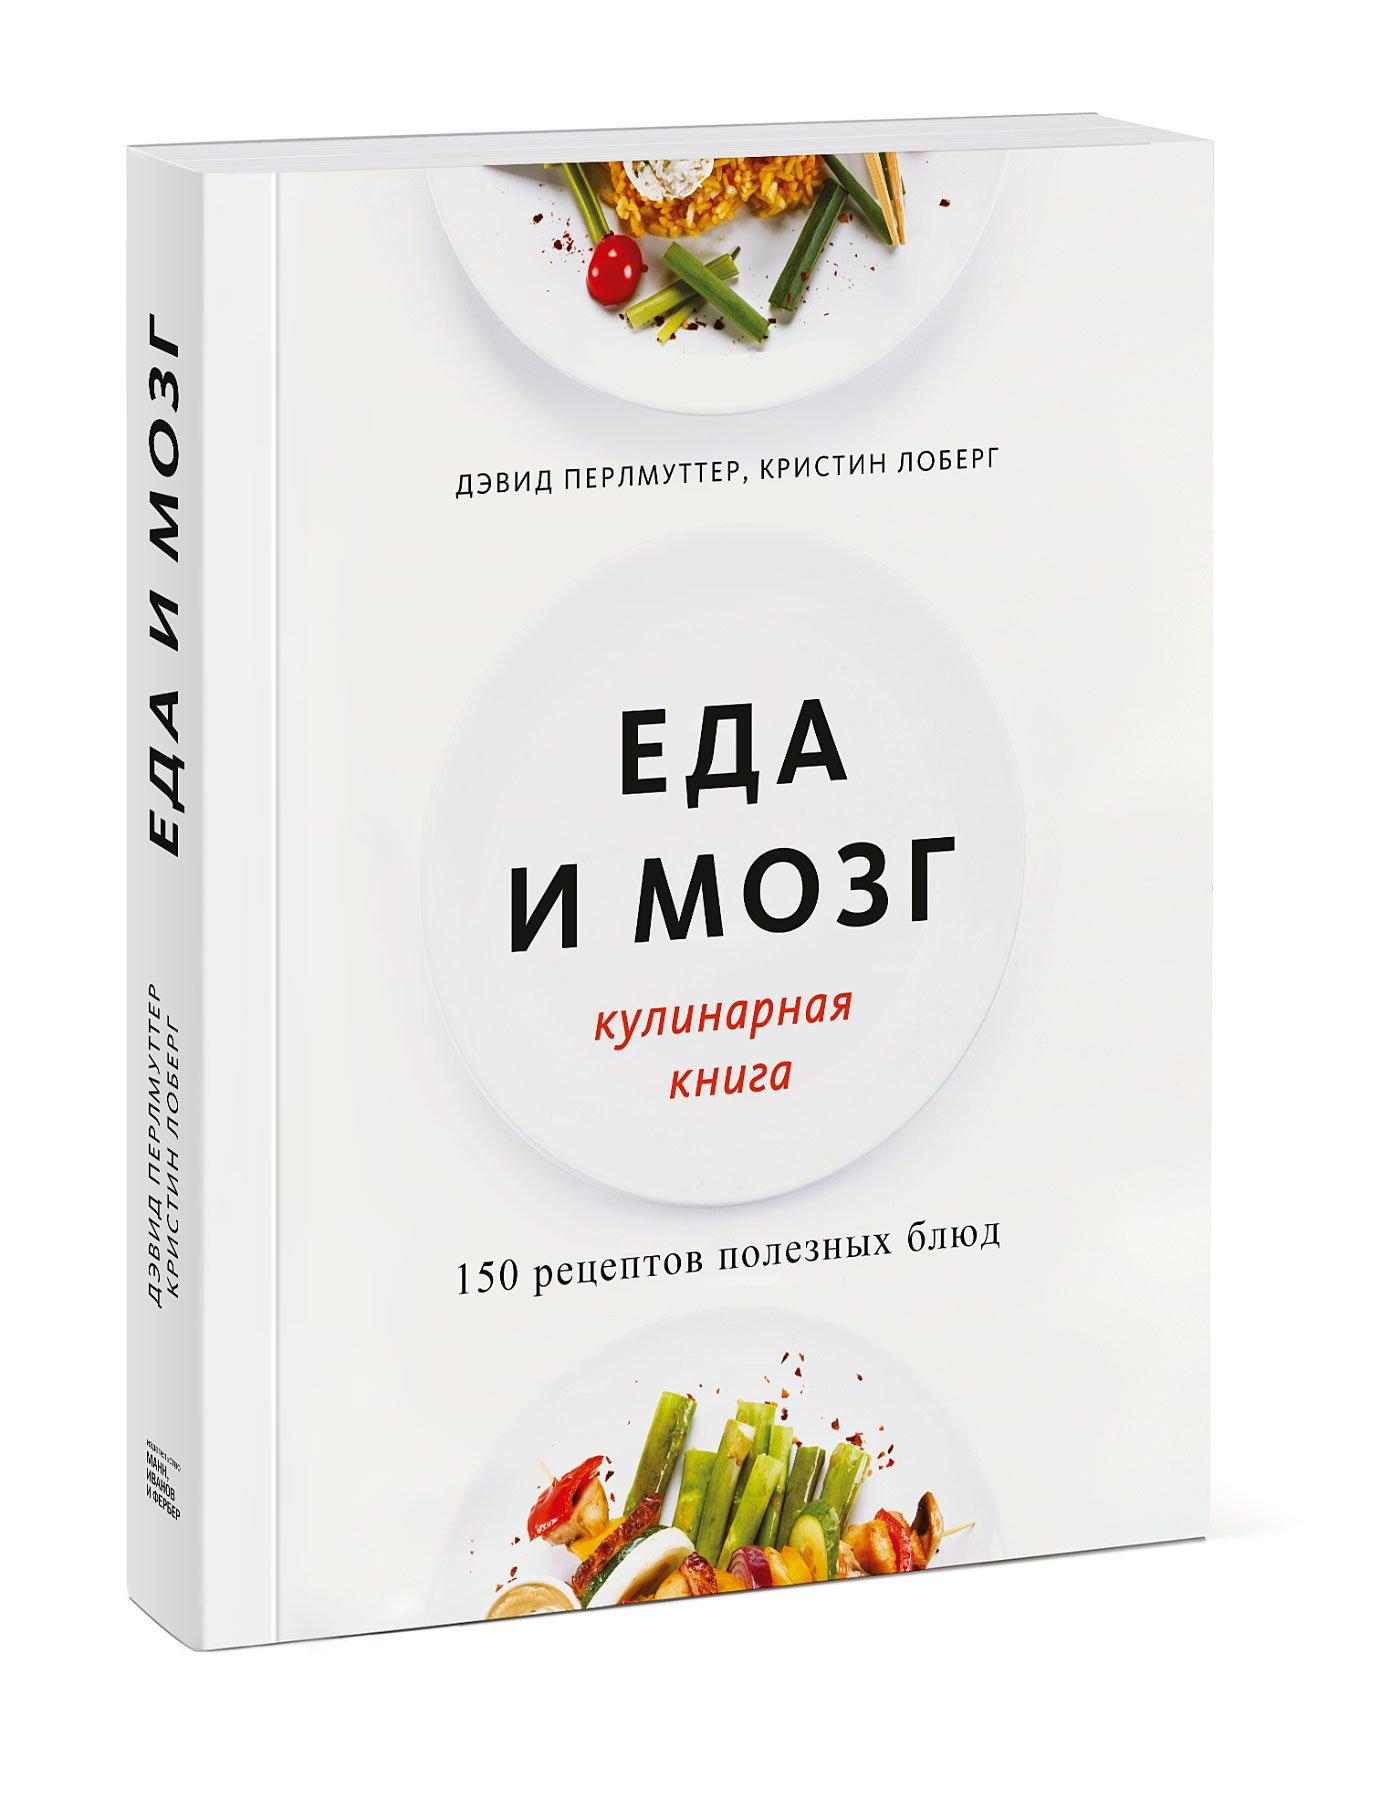 Дэвид Перлмуттер, Кристин Лоберг Еда и мозг. Кулинарная книга цена 2017